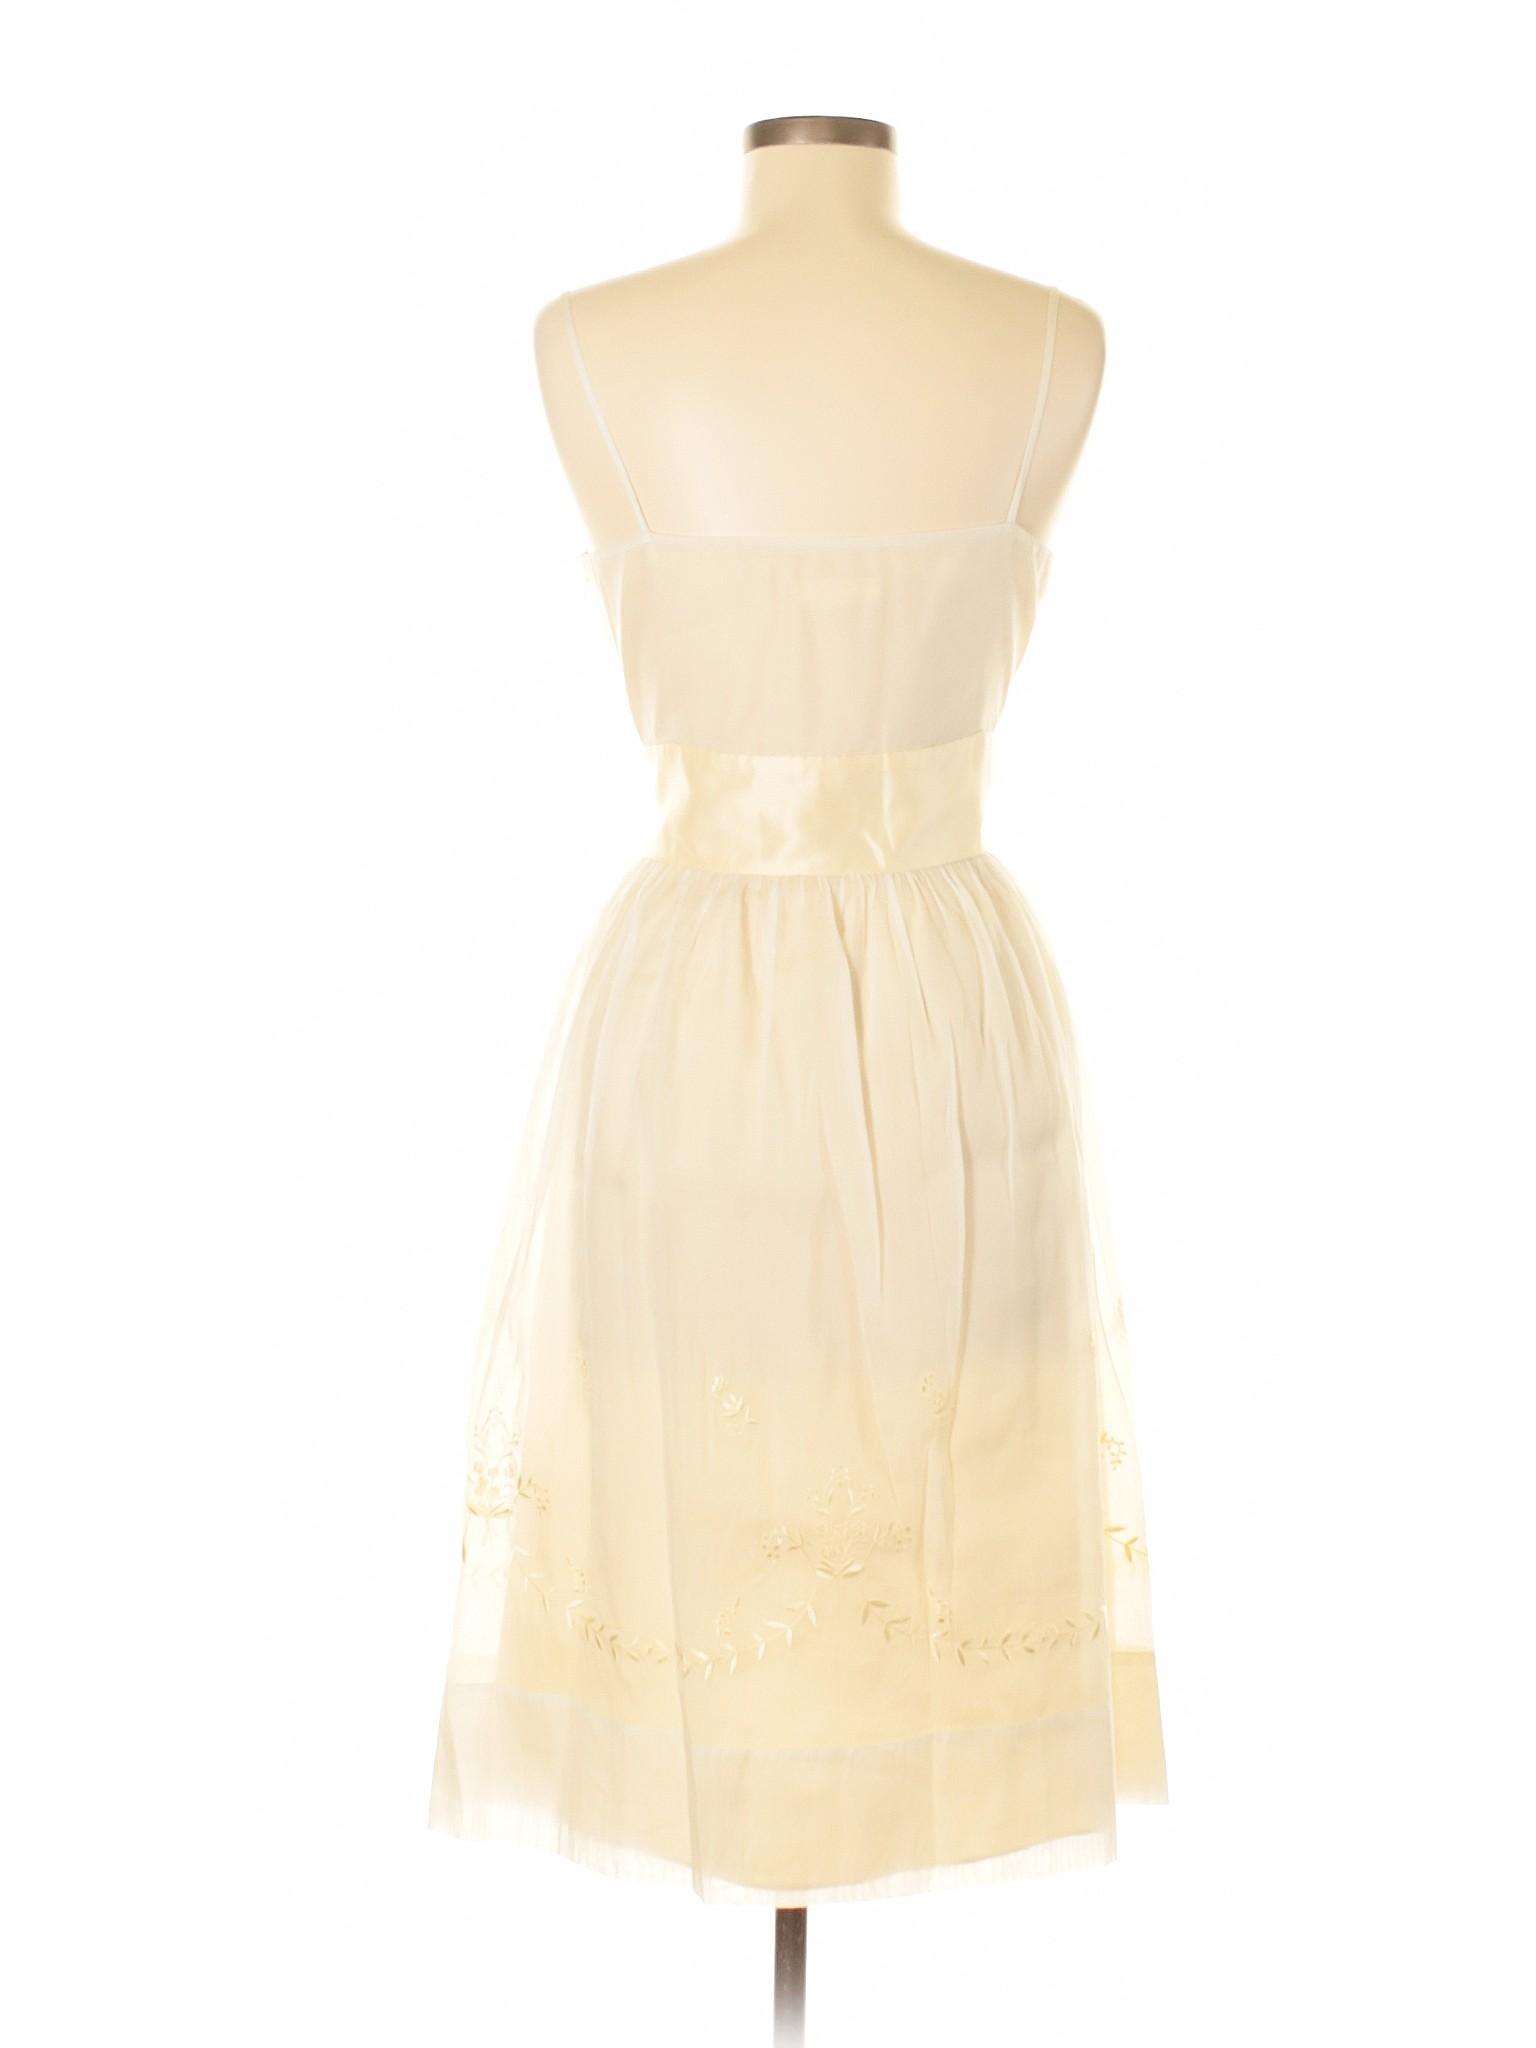 Ann Cocktail Winter Boutique Dress Taylor Z1PPxT